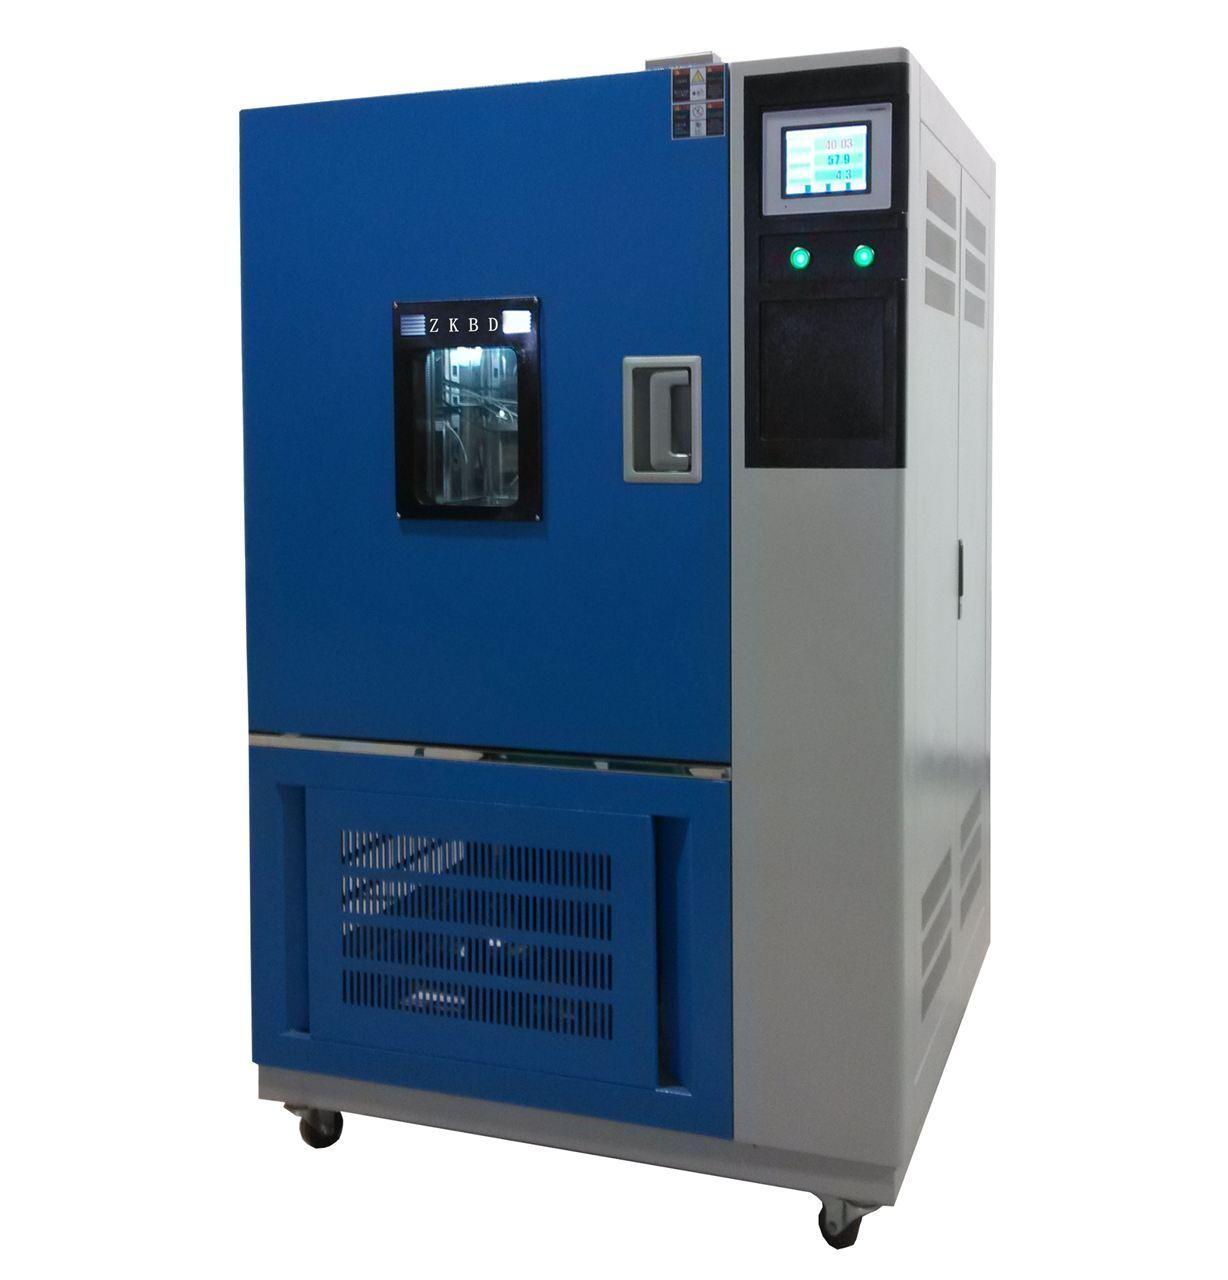 臭氧仪器多少钱 臭氧仪器厂家直销